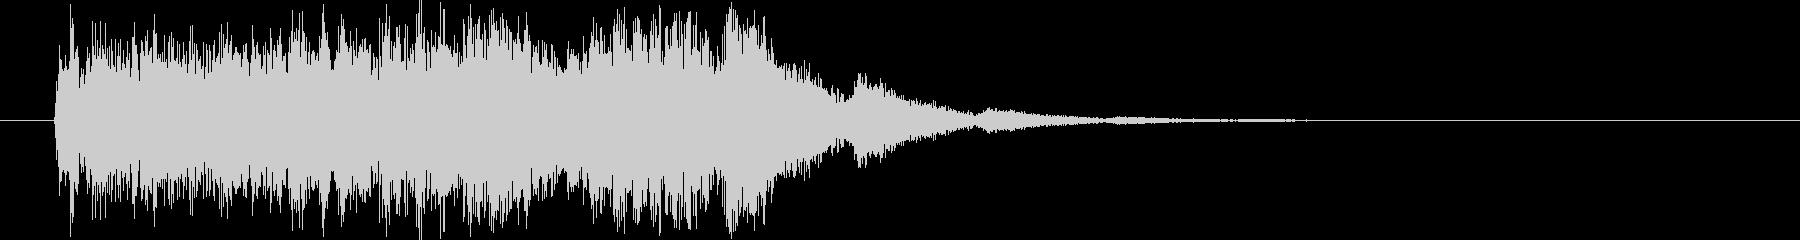 場面転換の音_ヒュィーンの未再生の波形